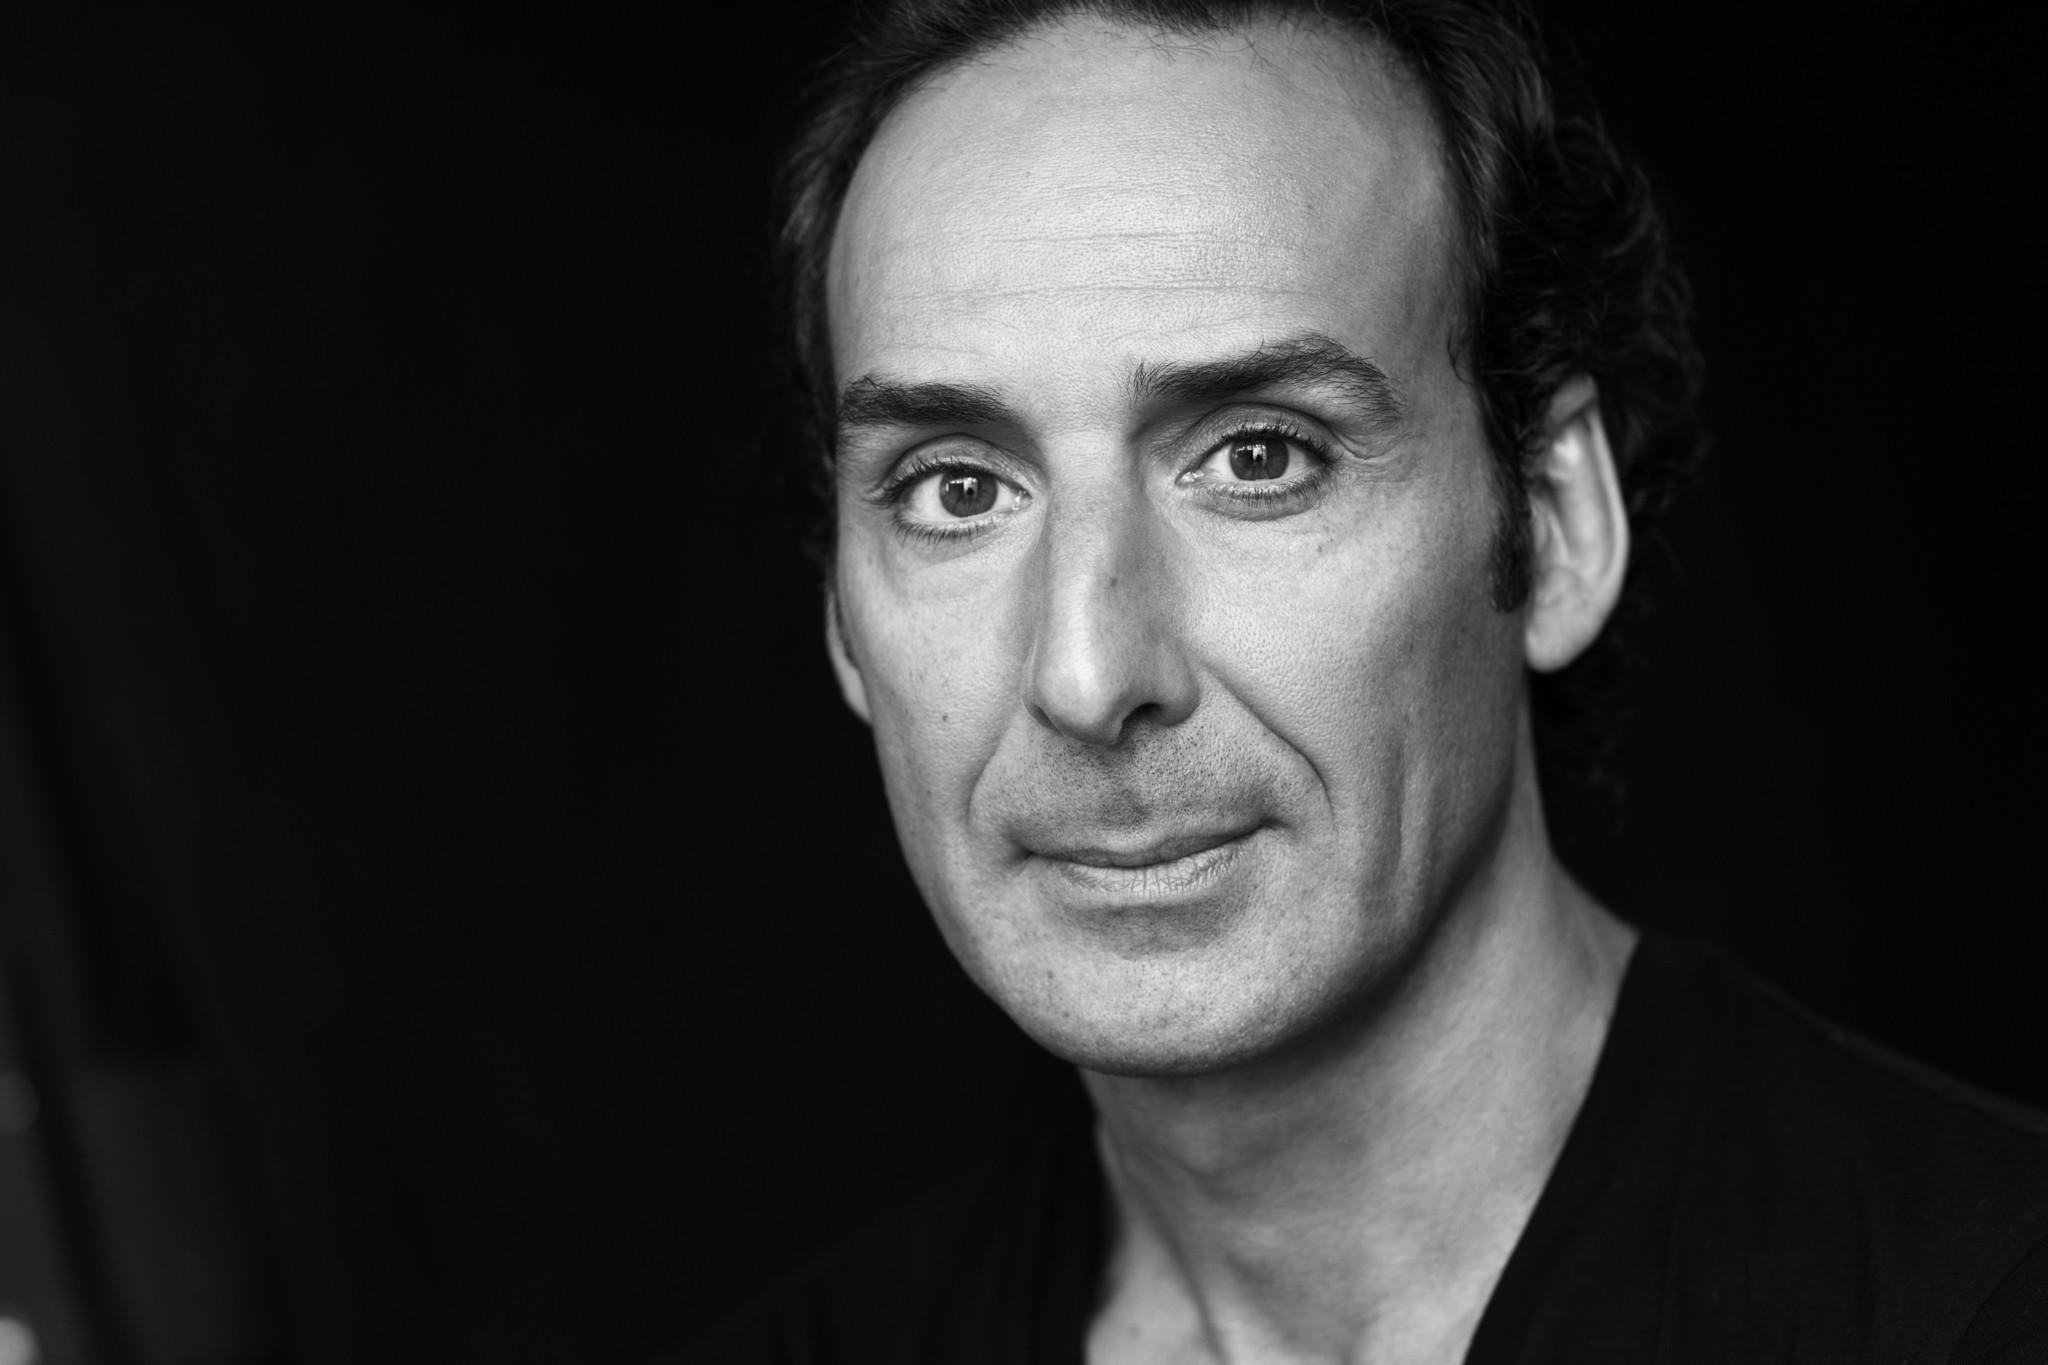 Filmmusik Alexandre Desplat